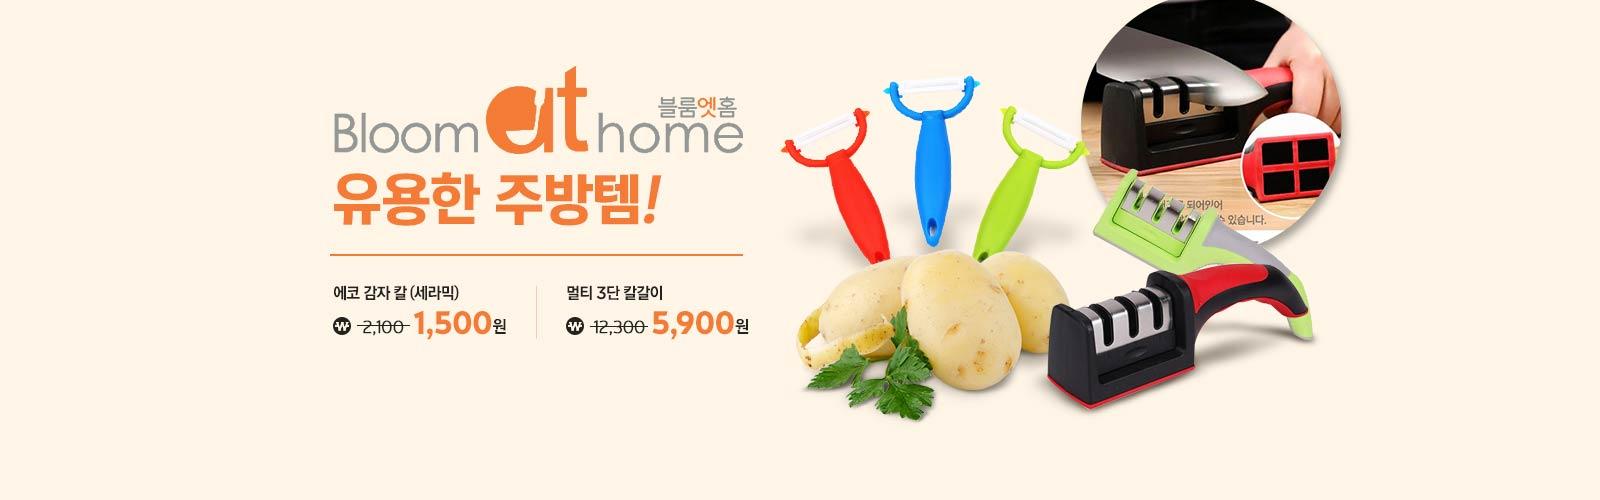 블룸엣홈 유용한 주방템 에코 감자 칼 (세라믹) 2,100 > 1,500원 멀티 3단 칼갈이 12,300 > 5,900원